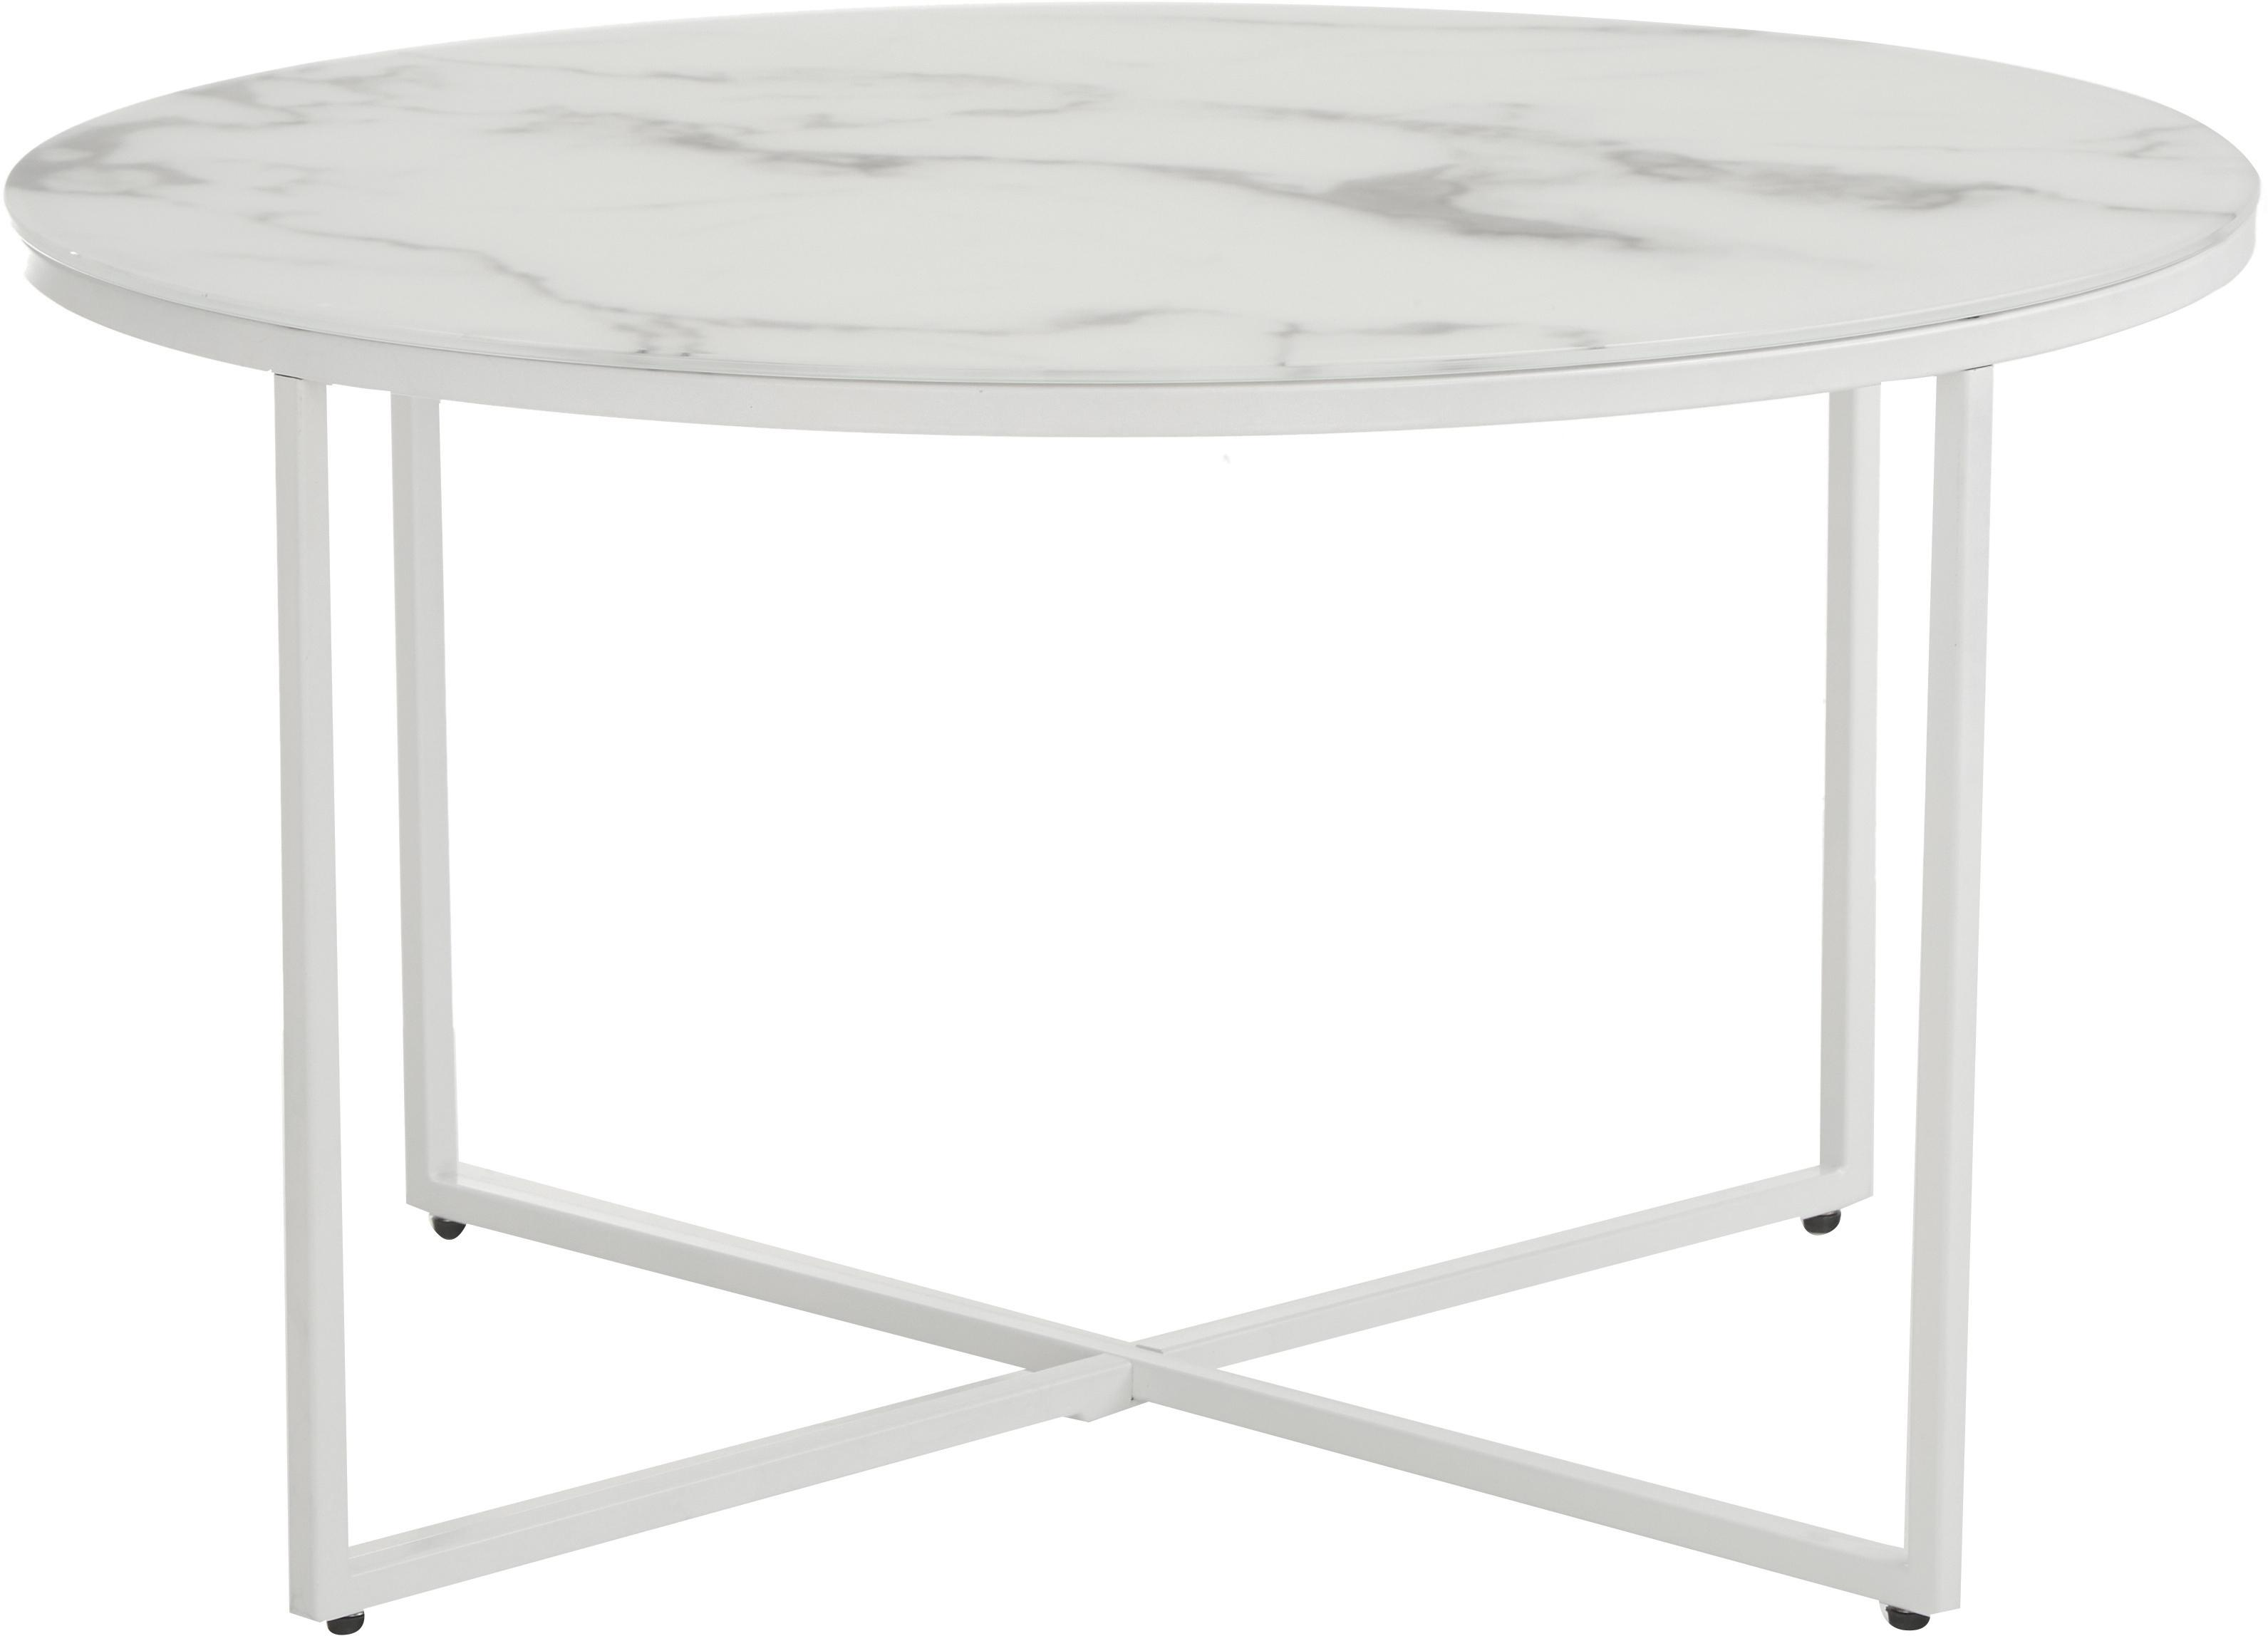 Stolik kawowy ze szklanym blatem Antigua, Blat: szkło, matowy nadruk, Stelaż: stal malowana proszkowo, Białoszary marmurowy, biały, Ø 80 x W 45 cm